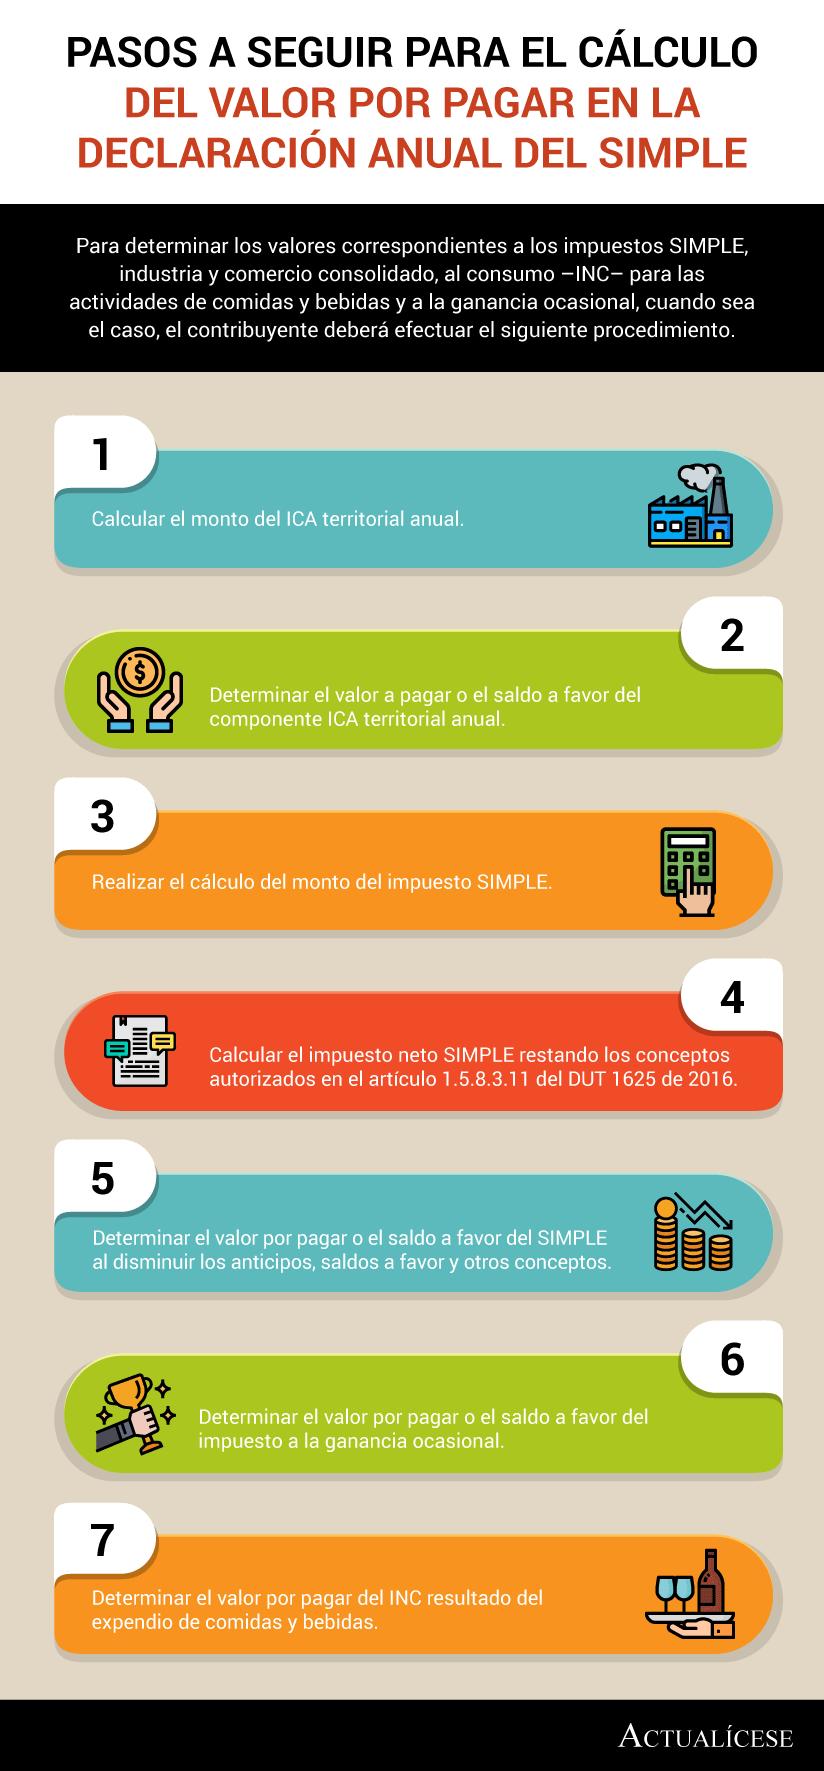 [Infografía] Pasos a seguir para el cálculo del valor por pagar en la declaración anual del SIMPLE